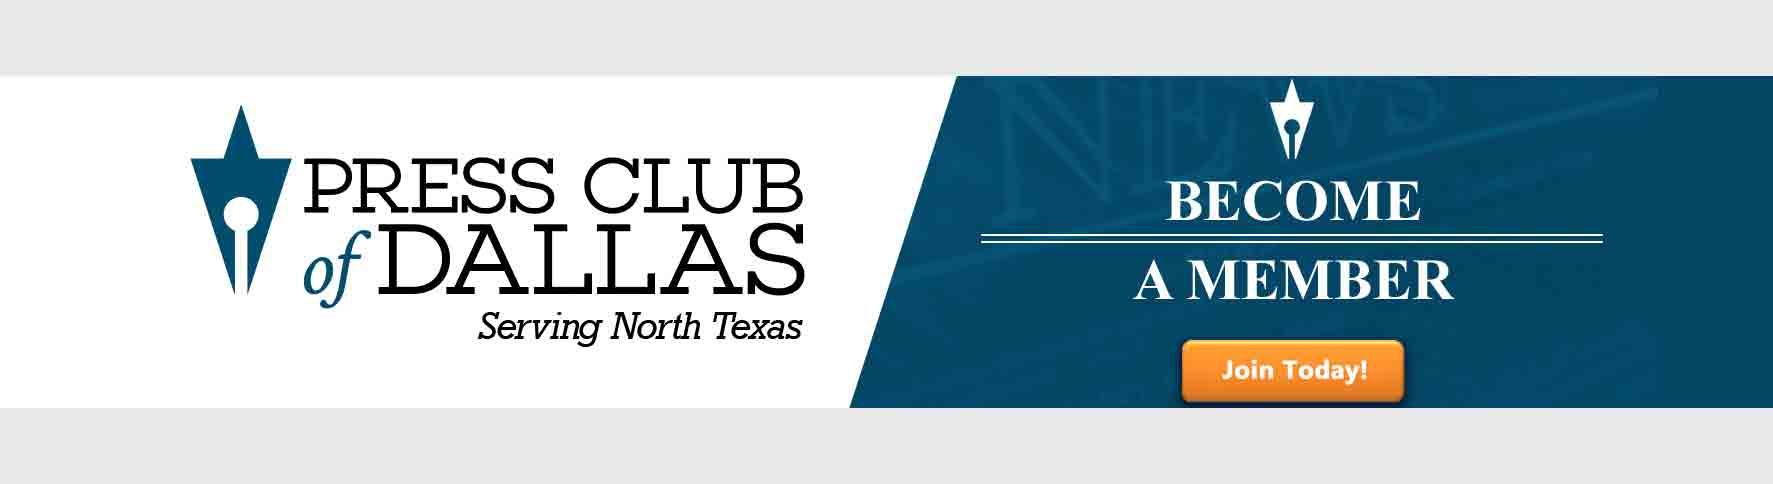 Press-Club-of-Dallas-Become